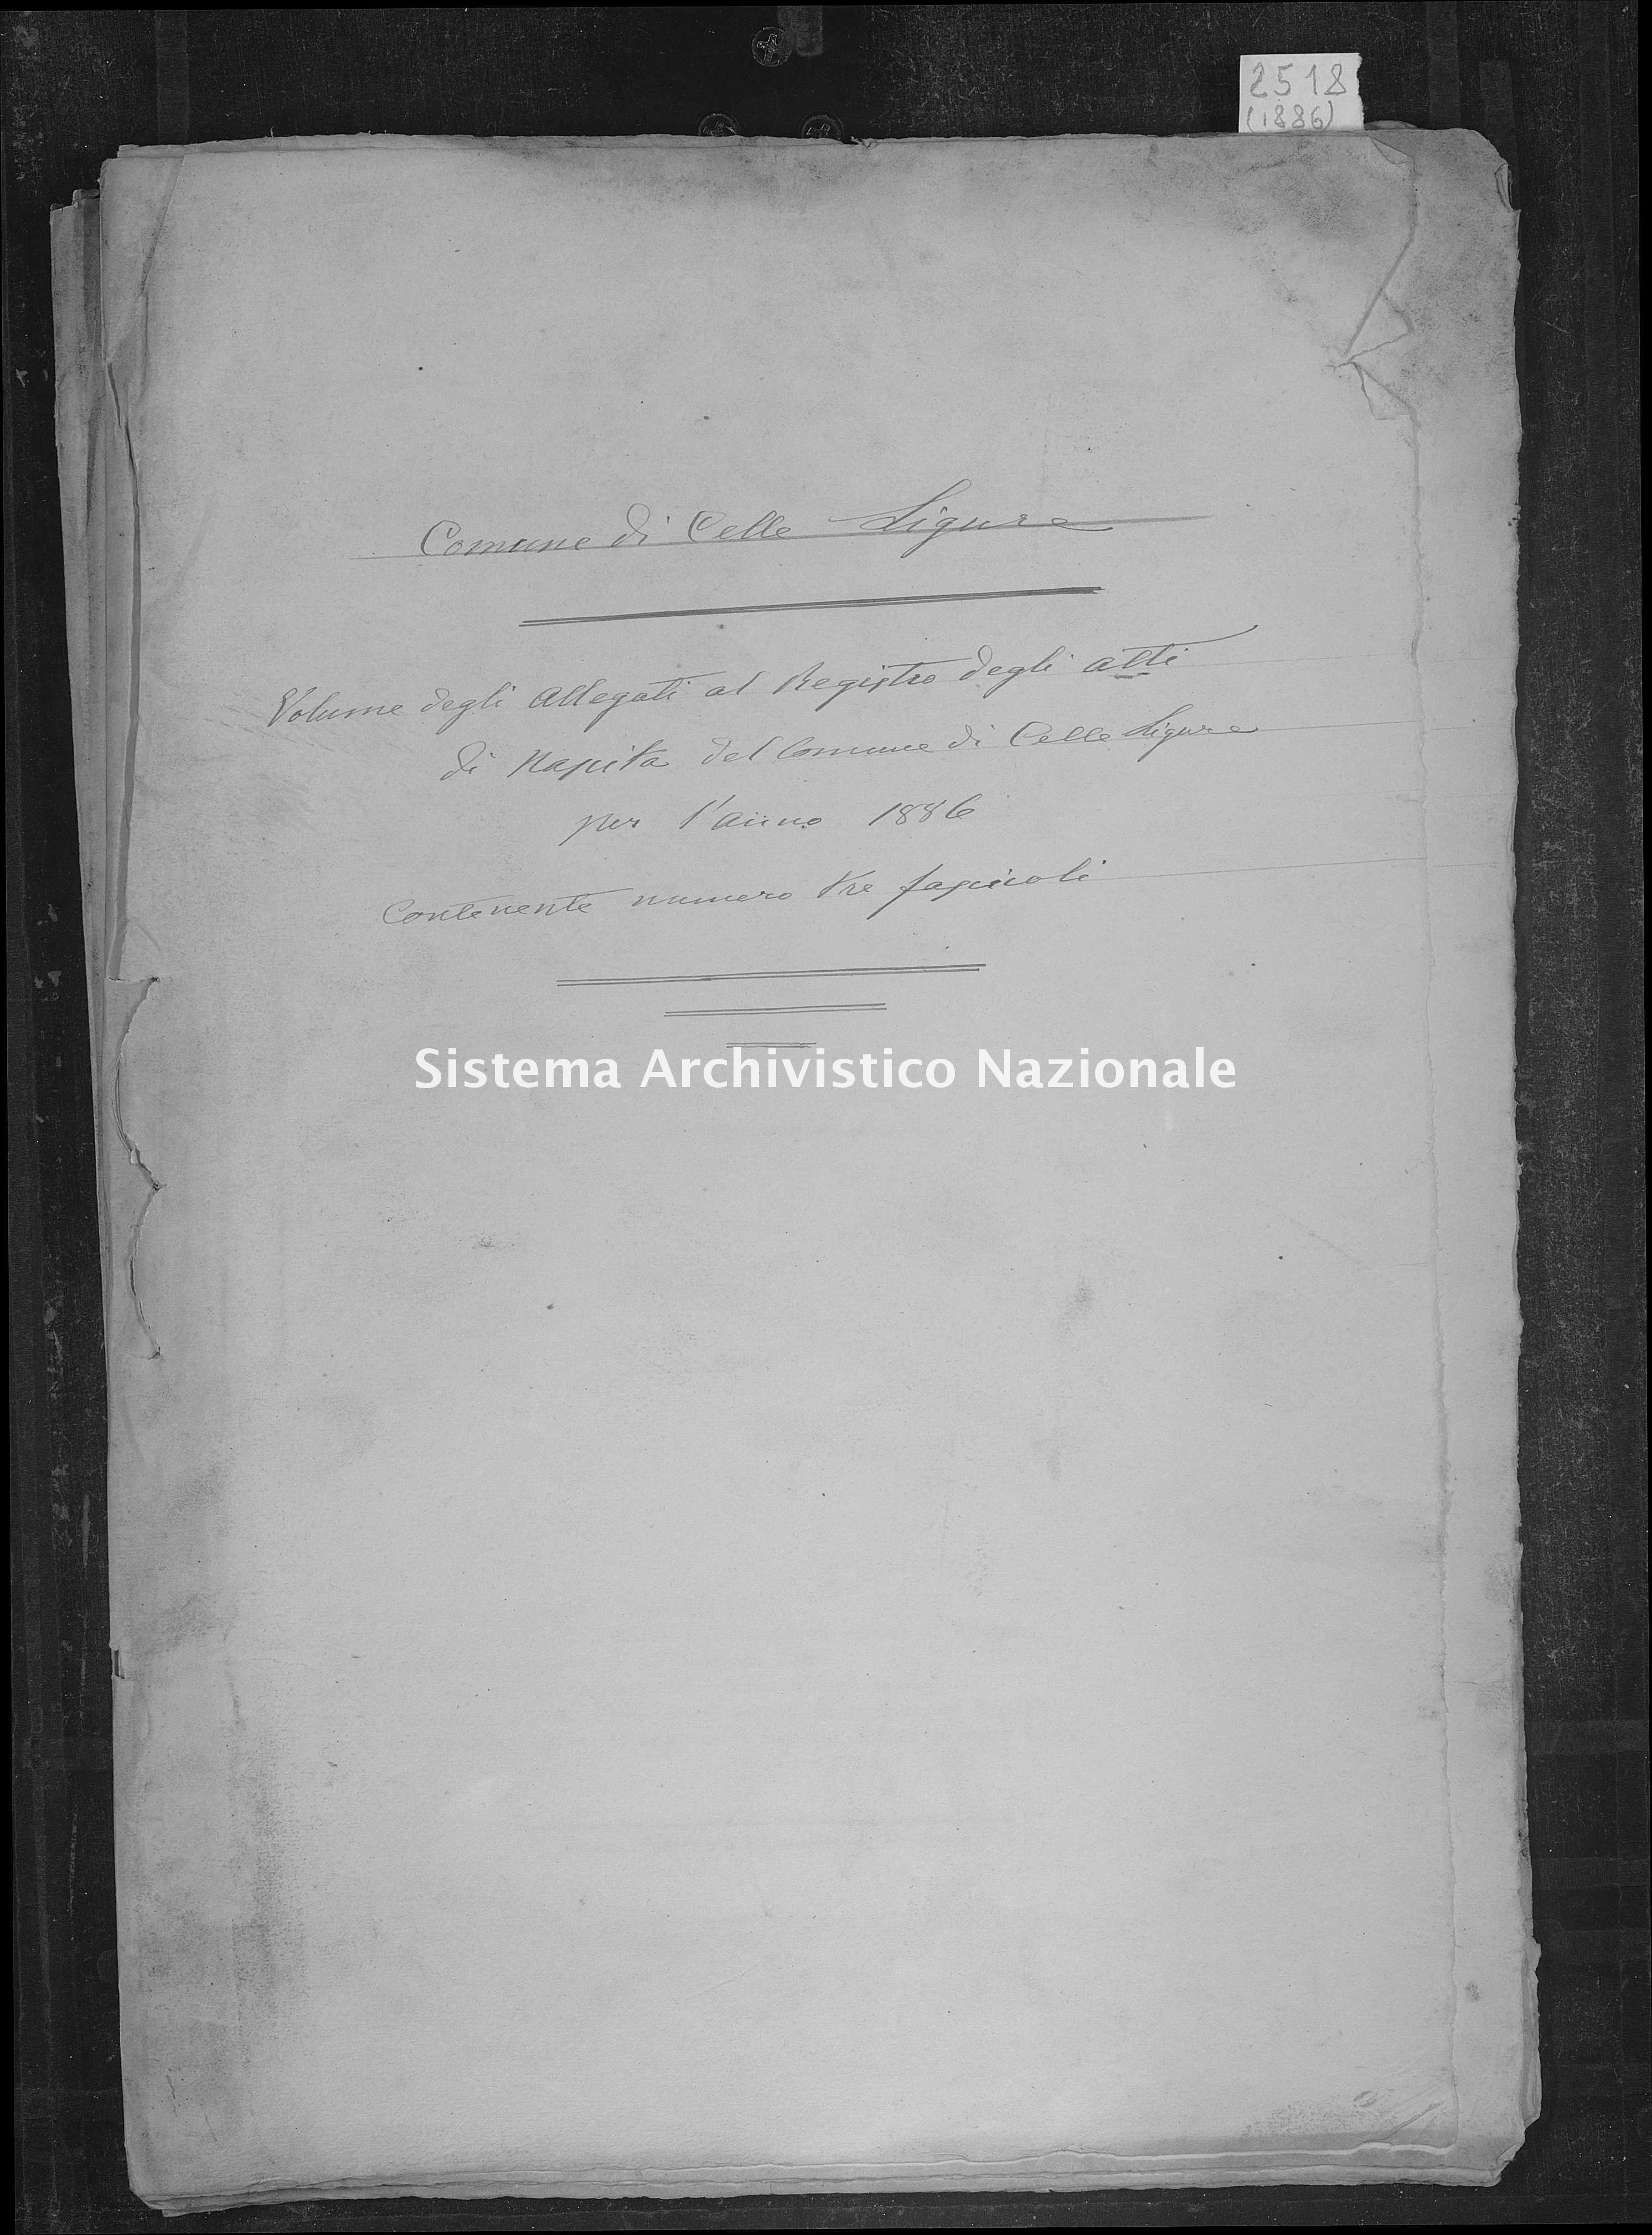 Archivio di stato di Savona - Stato civile - Savona-(Provincia) - Nati-Matrimoni-Morti, allegati - 1886 - 2518 -